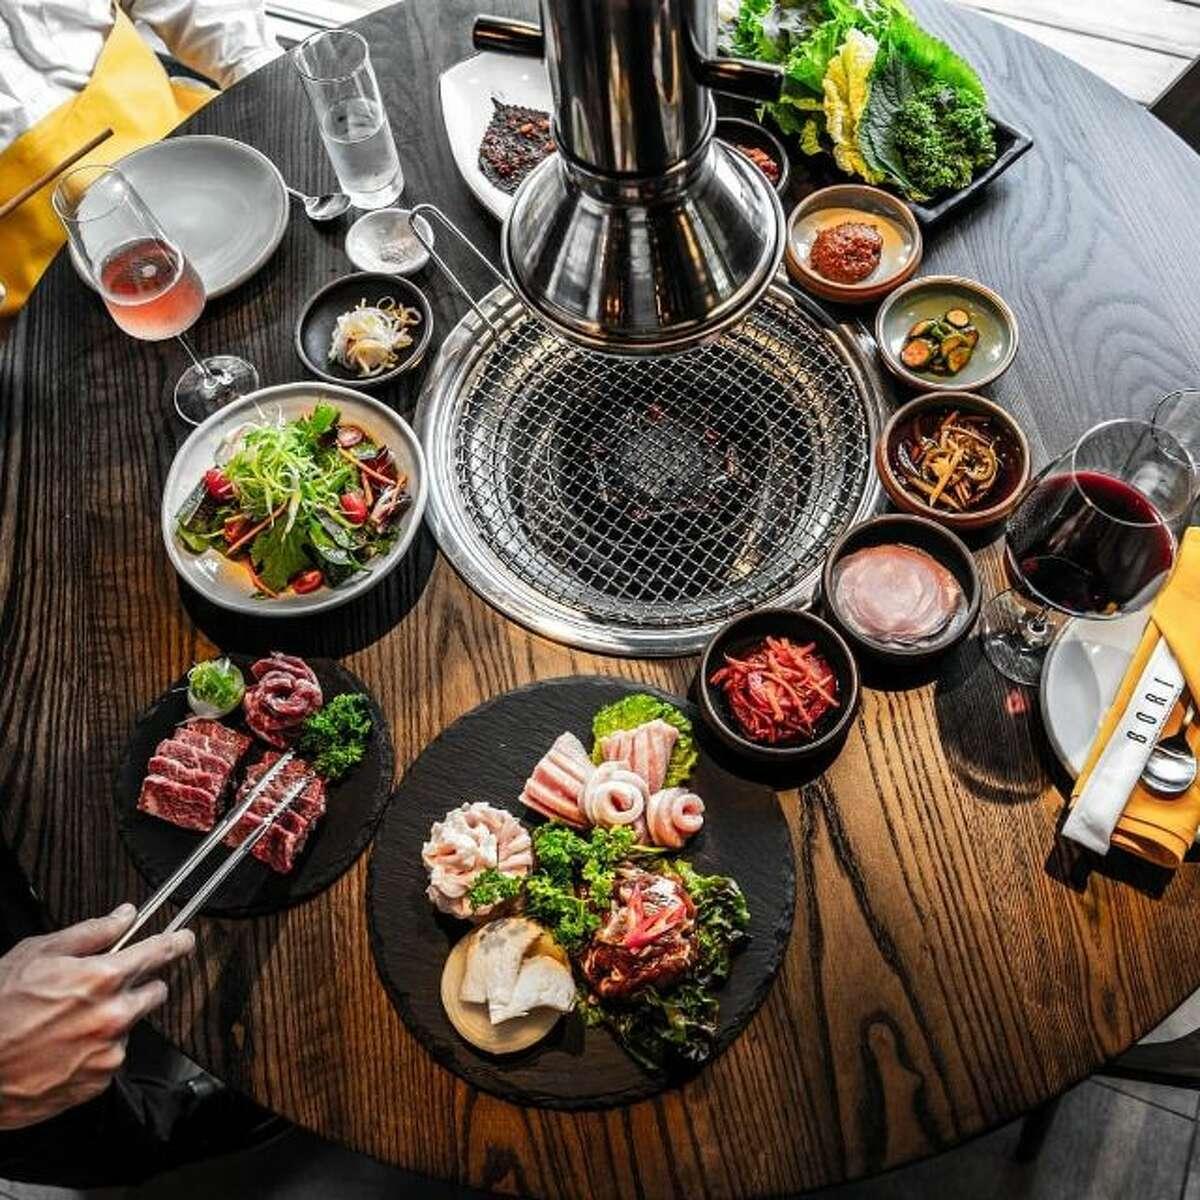 BORI: 1453 Witte South Korean steakhouse.